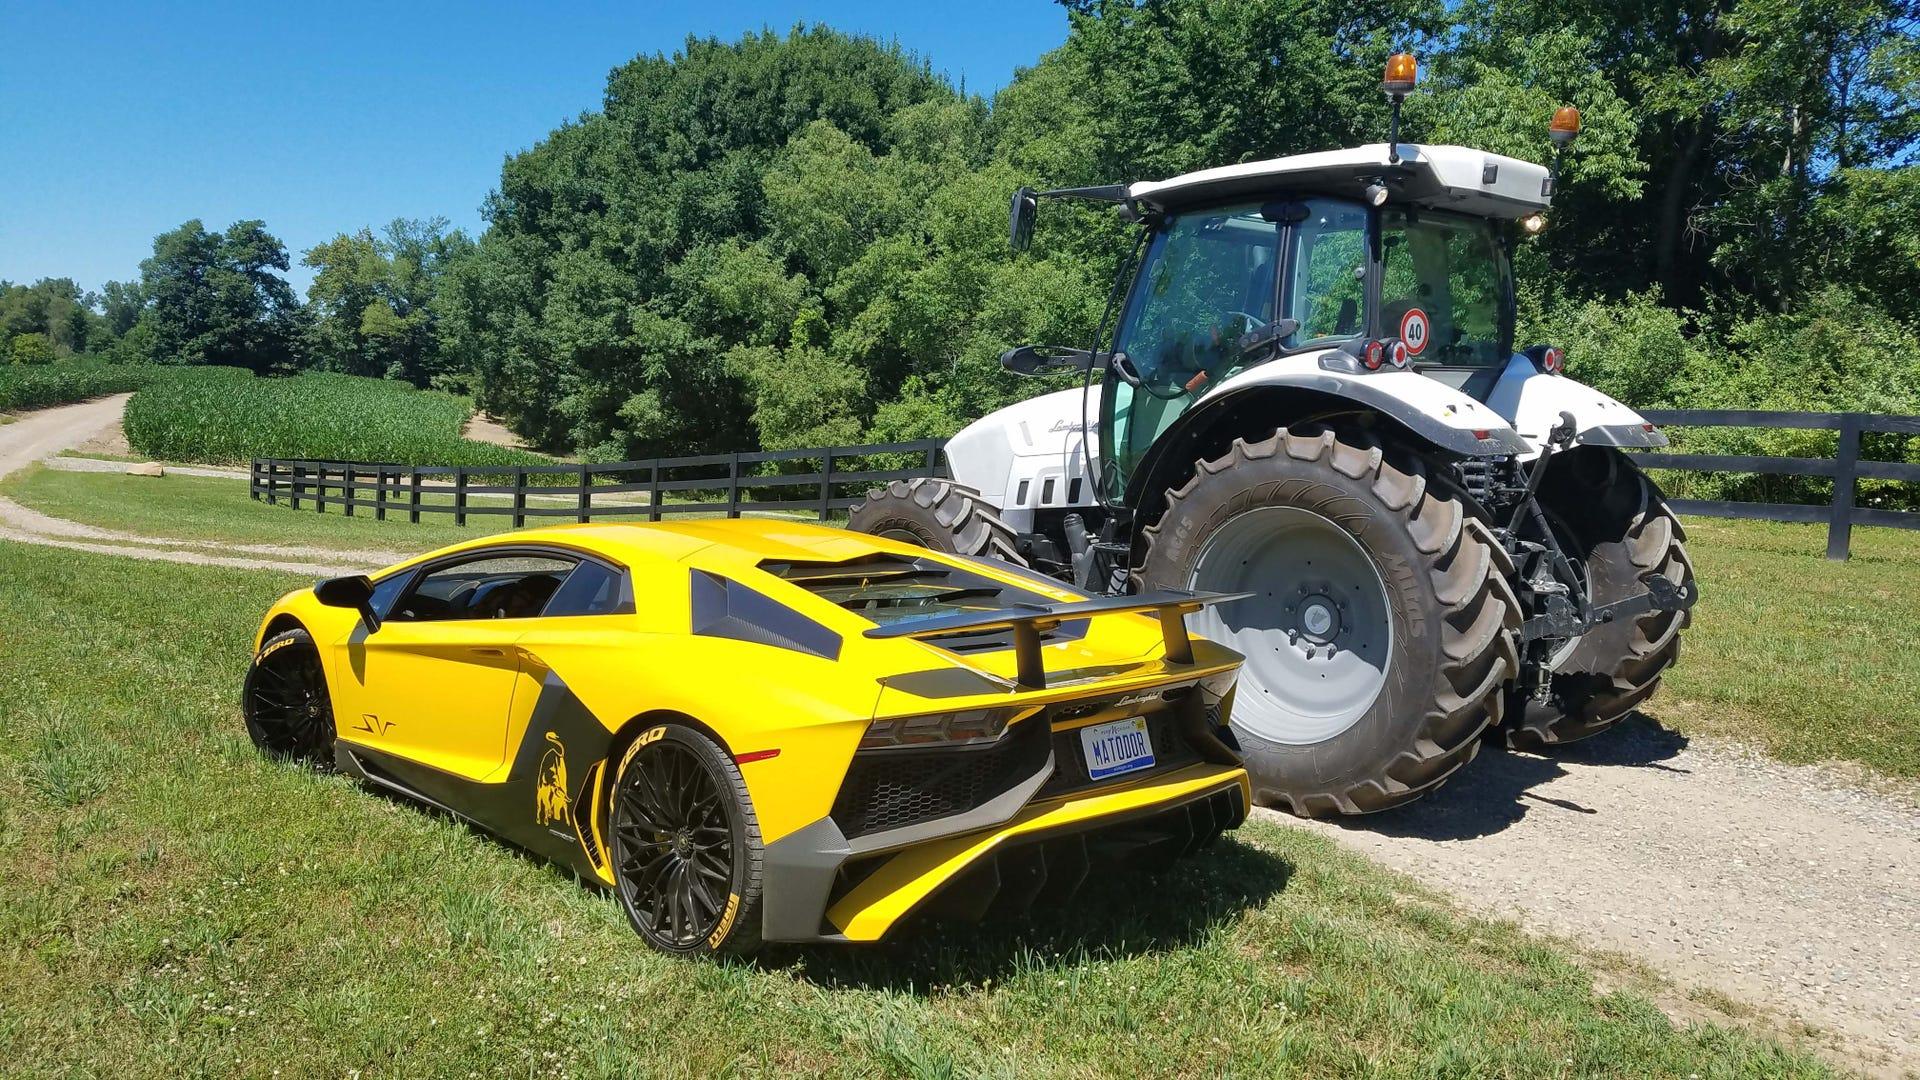 Lamborghini Sports Car And Tractor